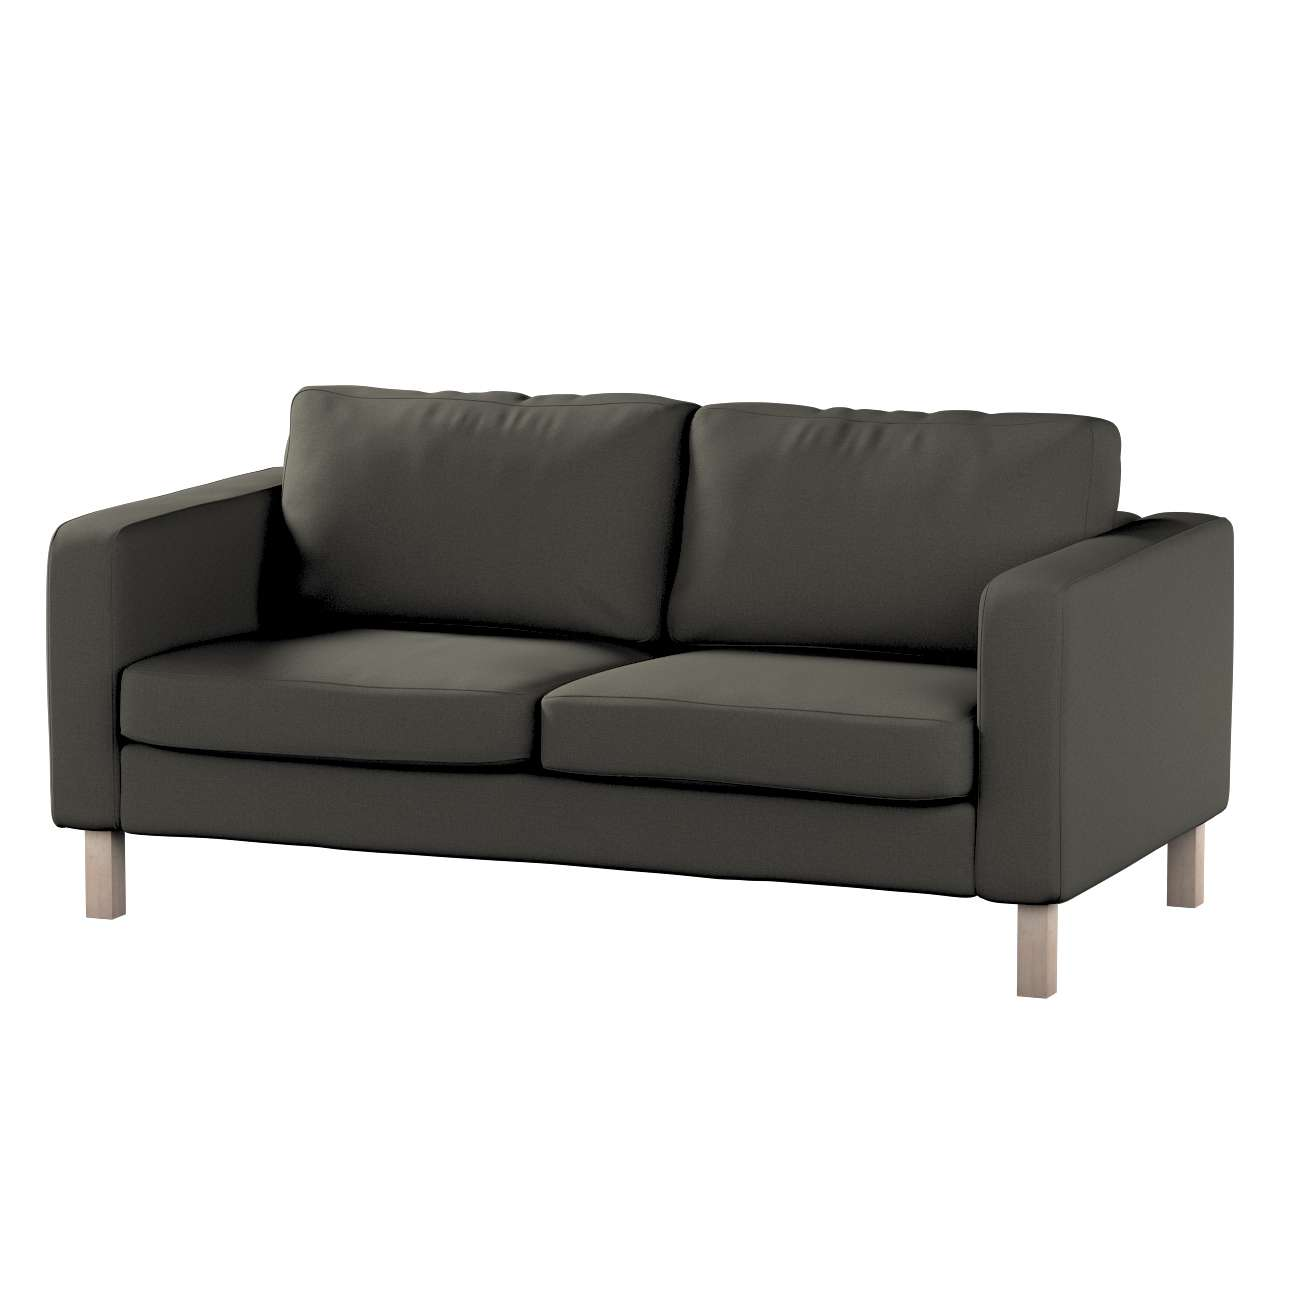 Potah na pohovku IKEA  Karlstad 2-místná, nerozkládací, krátký v kolekci Living, látka: 161-55